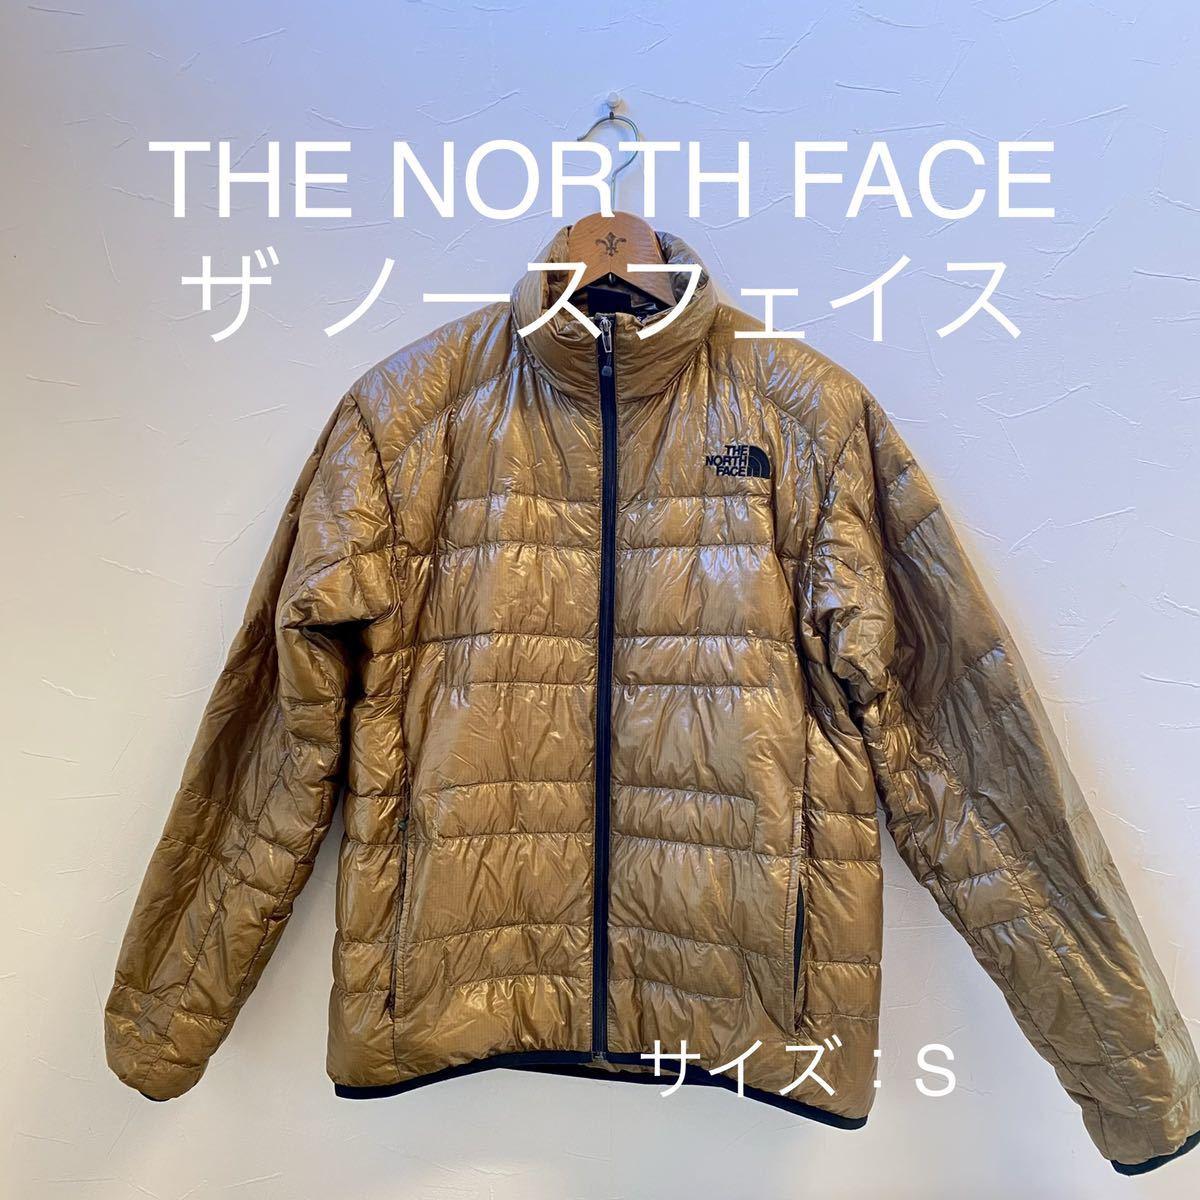 THE NORTH FACE ザ ノースフェイス*S*ダウン ダウンジャケット コンパクト 軽量